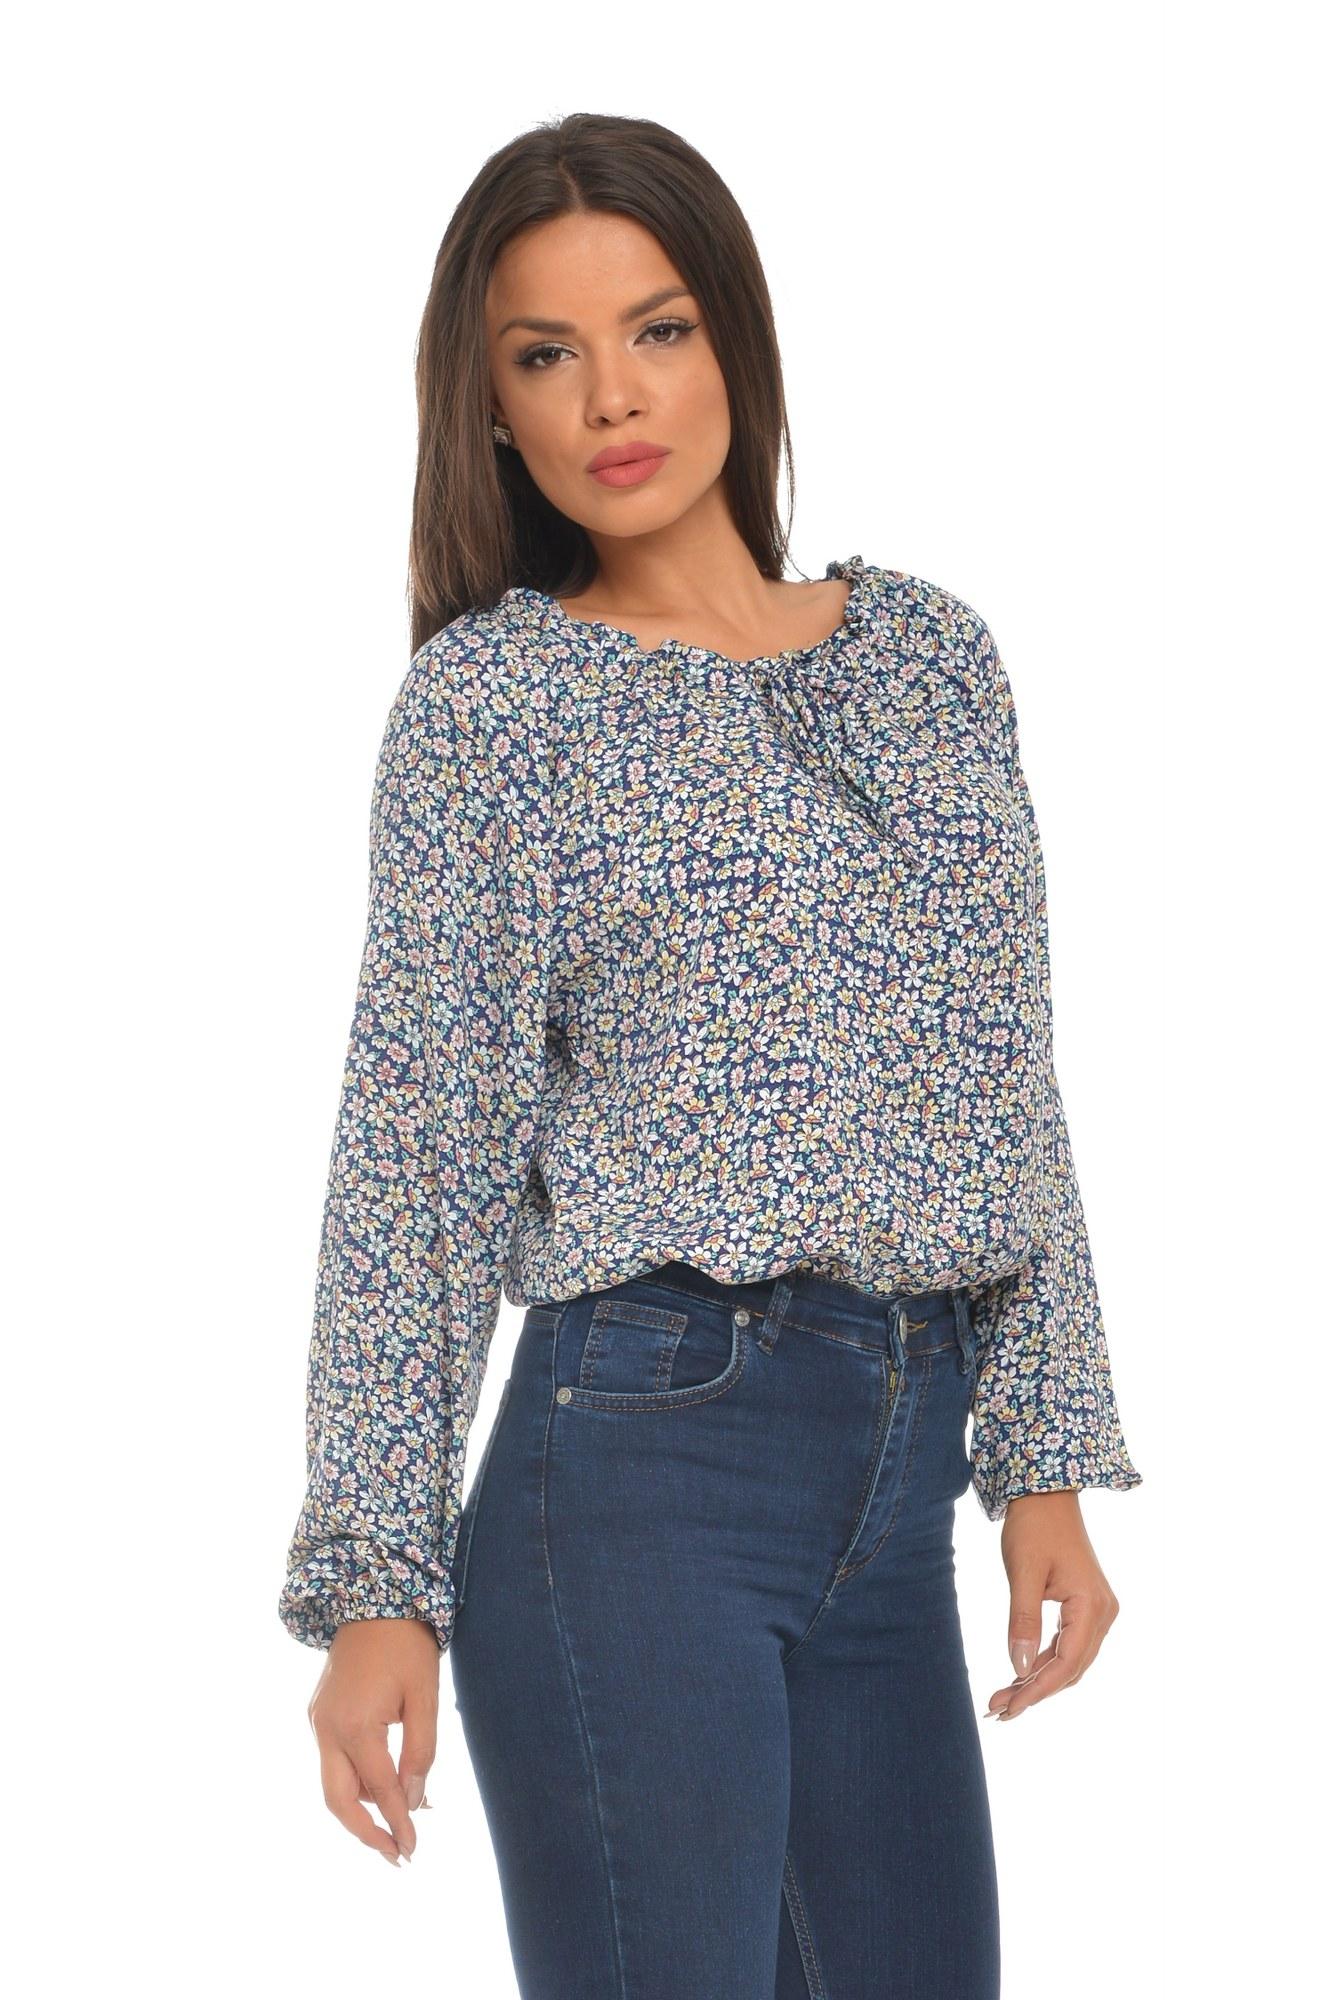 Bluza bleumarin tip iie imprimeu floral